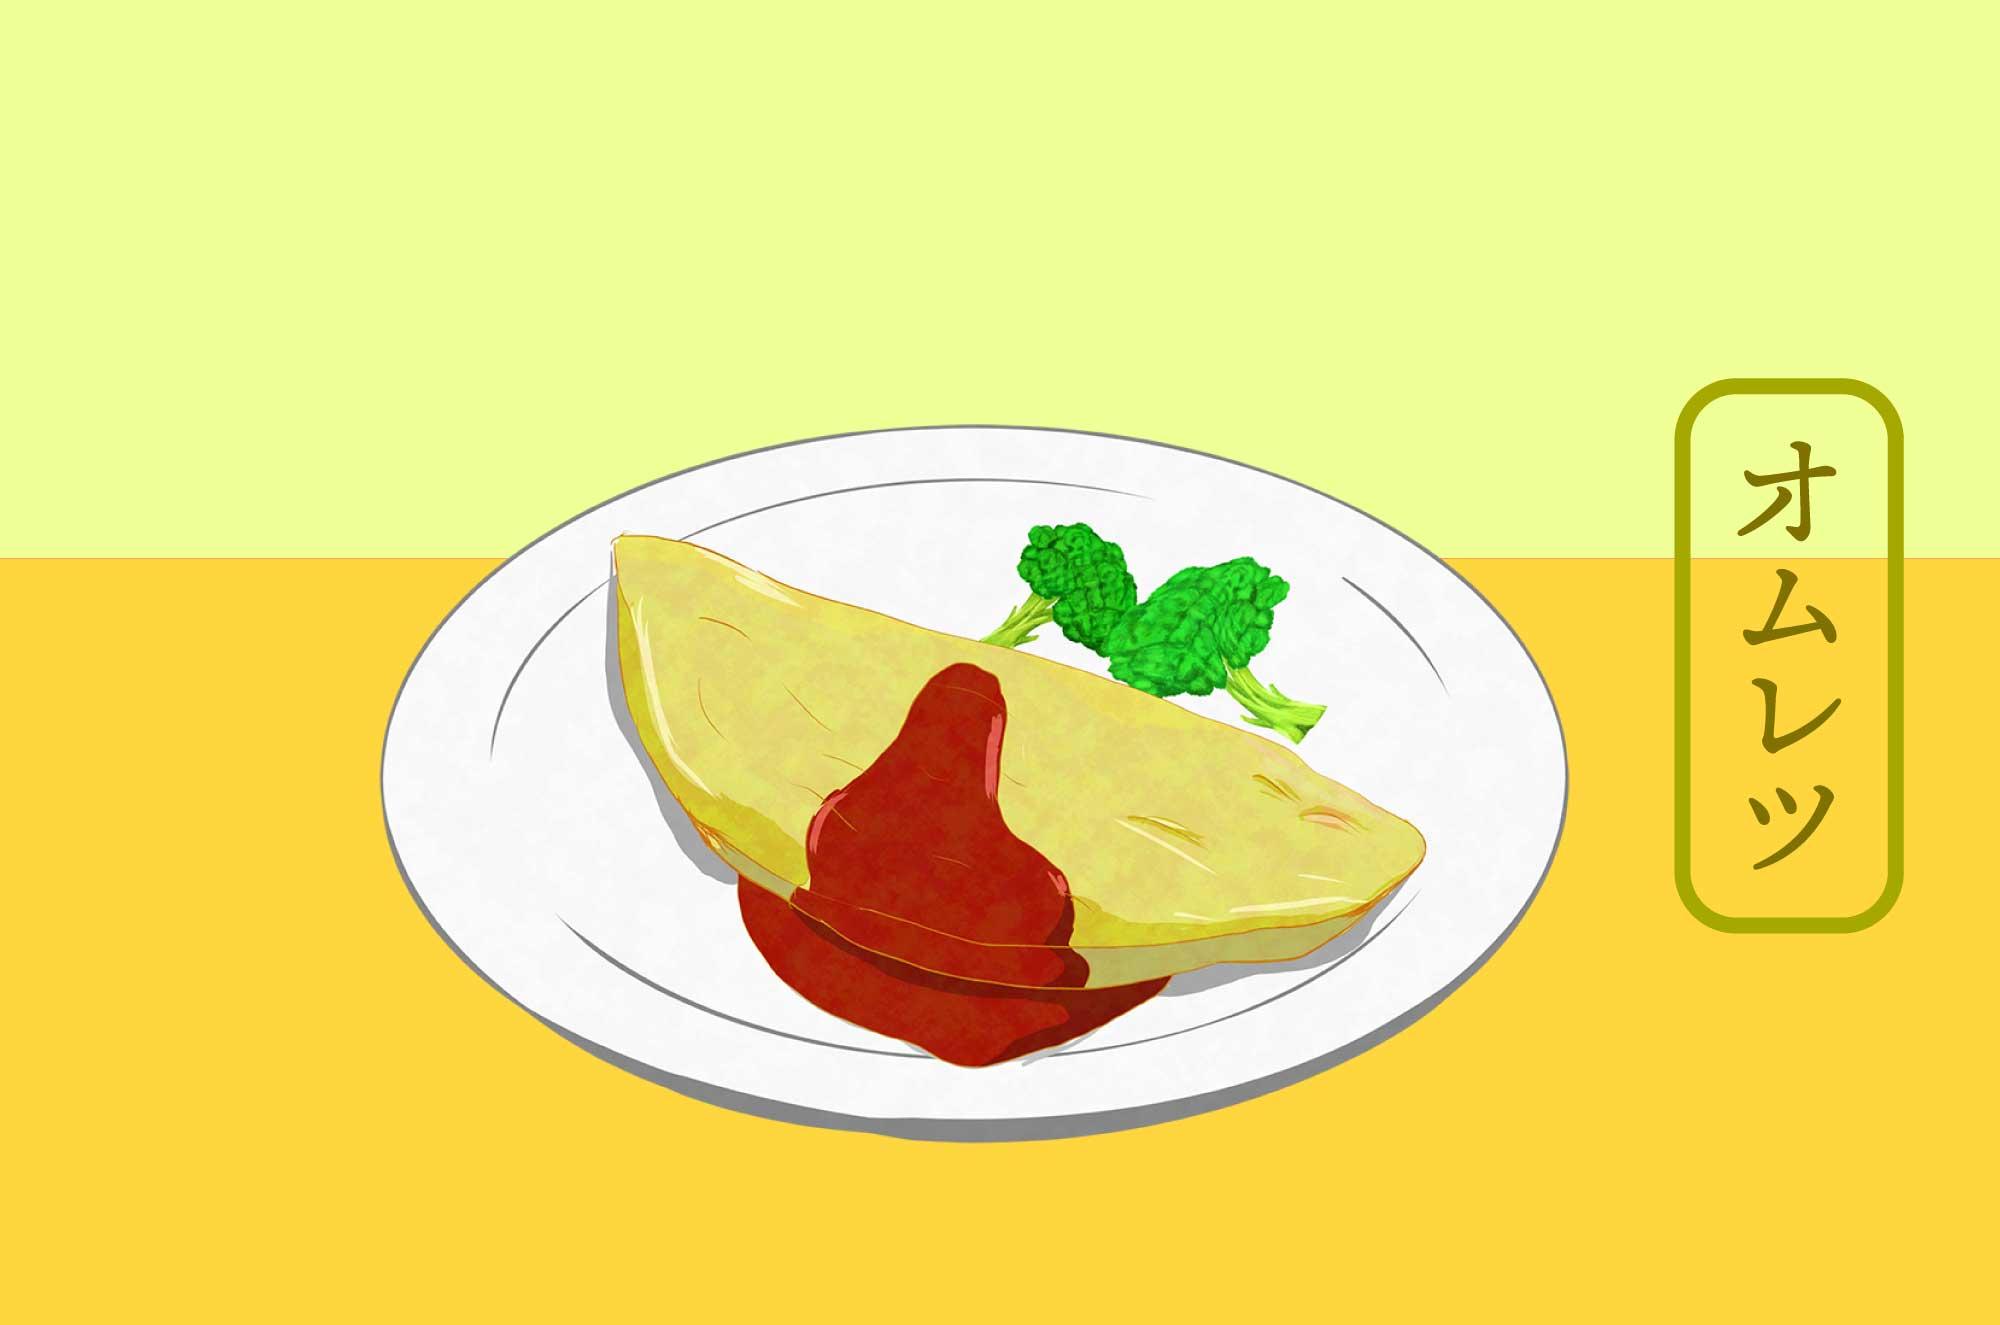 オムレツのフリーイラスト - 手書きの食べ物素材